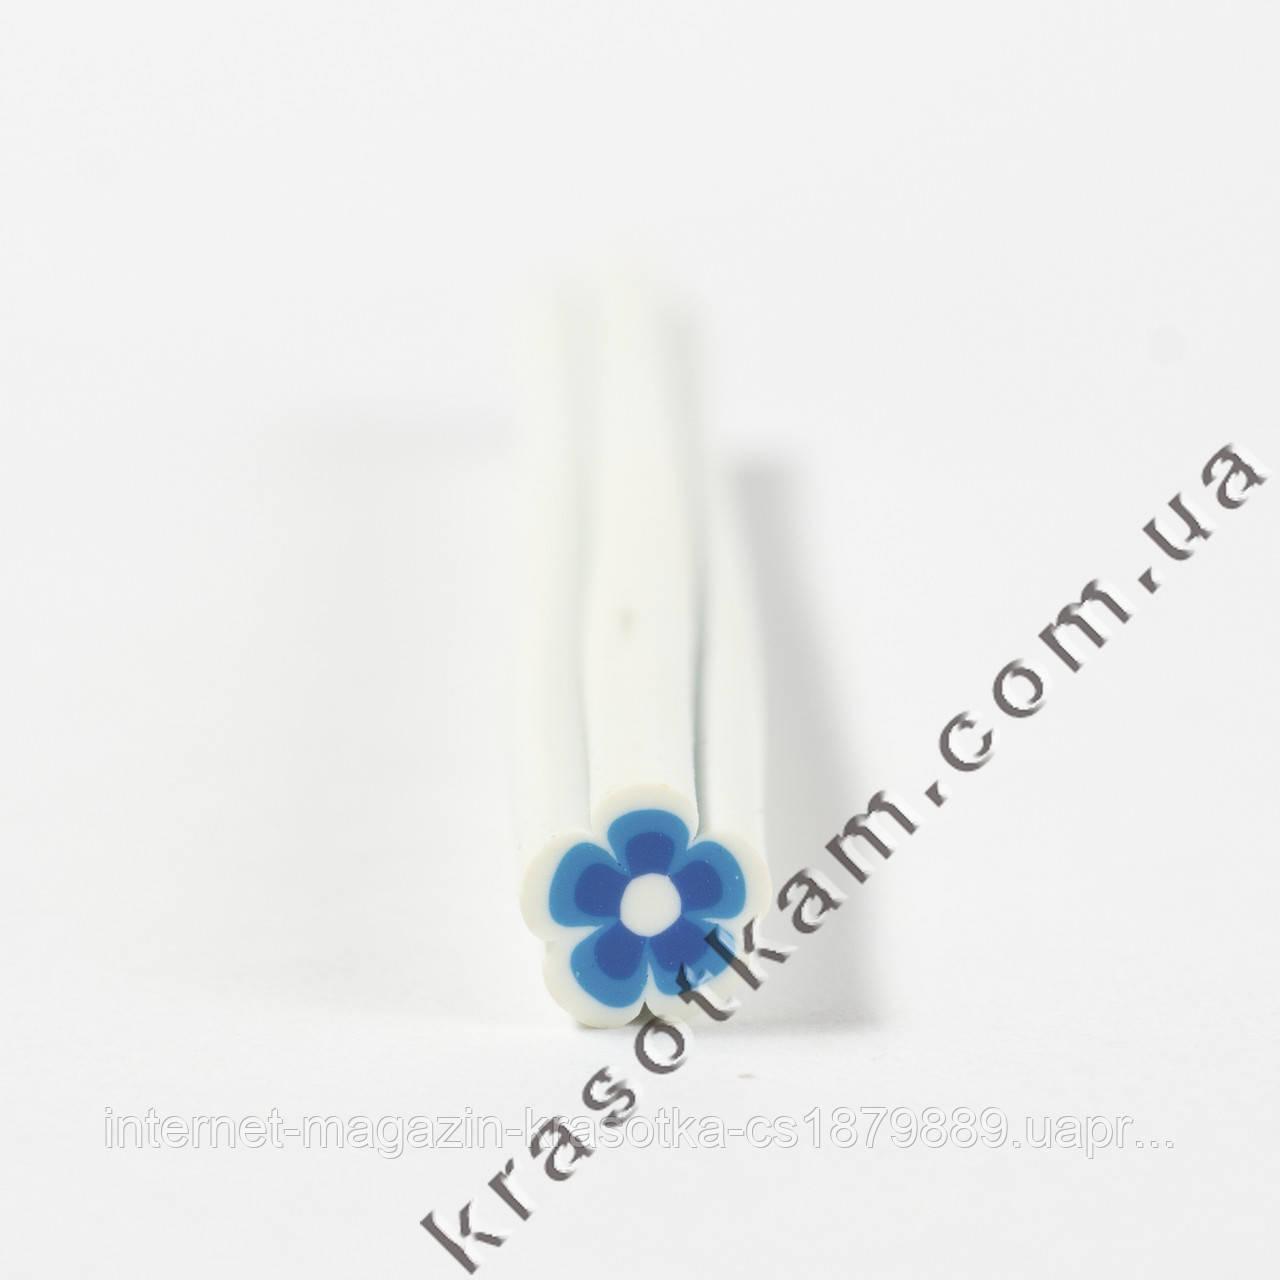 Фимо цветок сине-белый штанга